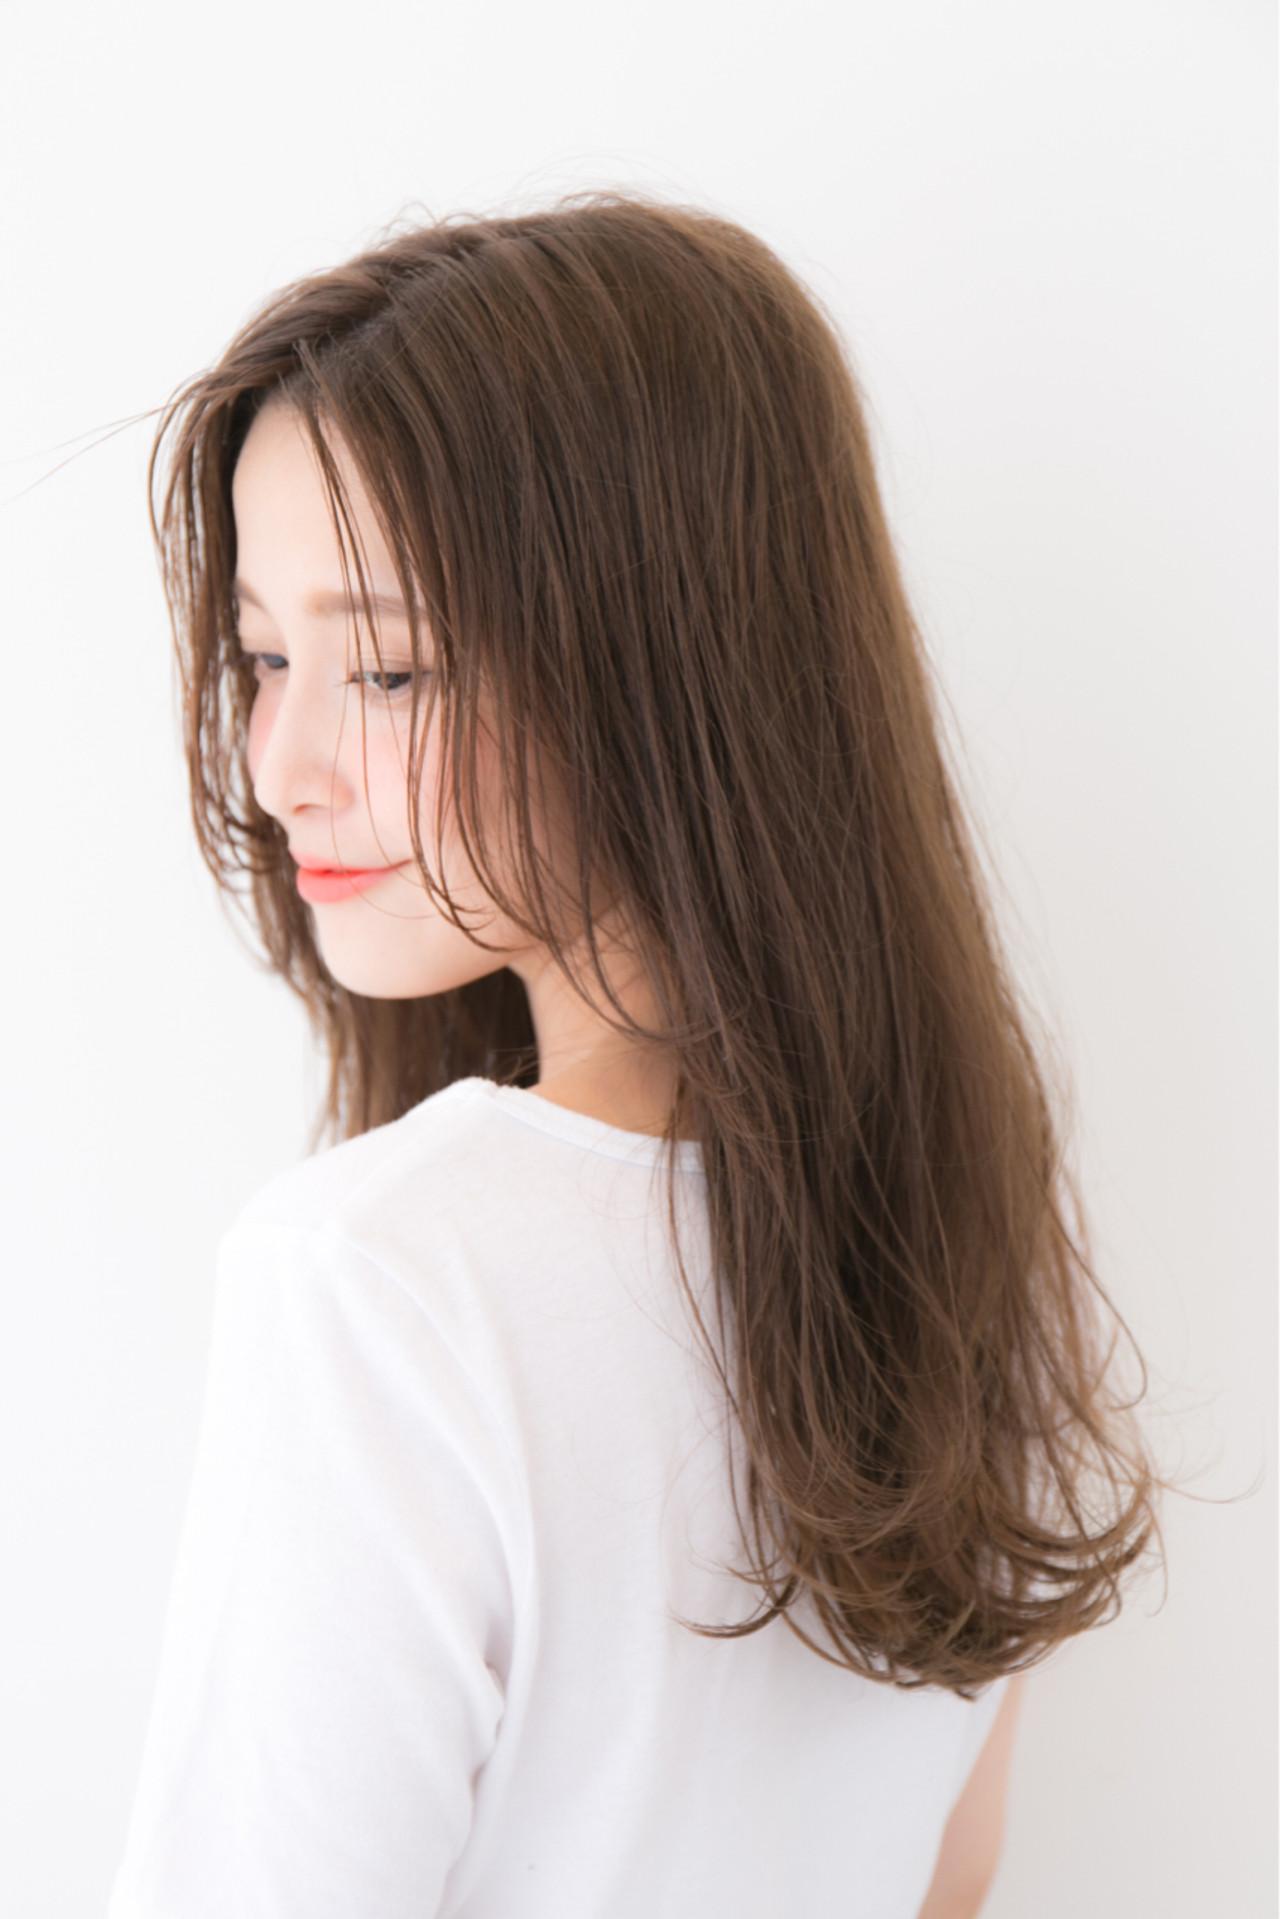 【ロングヘアVSショートヘア】人気はどっち?両者の魅力を徹底比較! 大隣 正佳